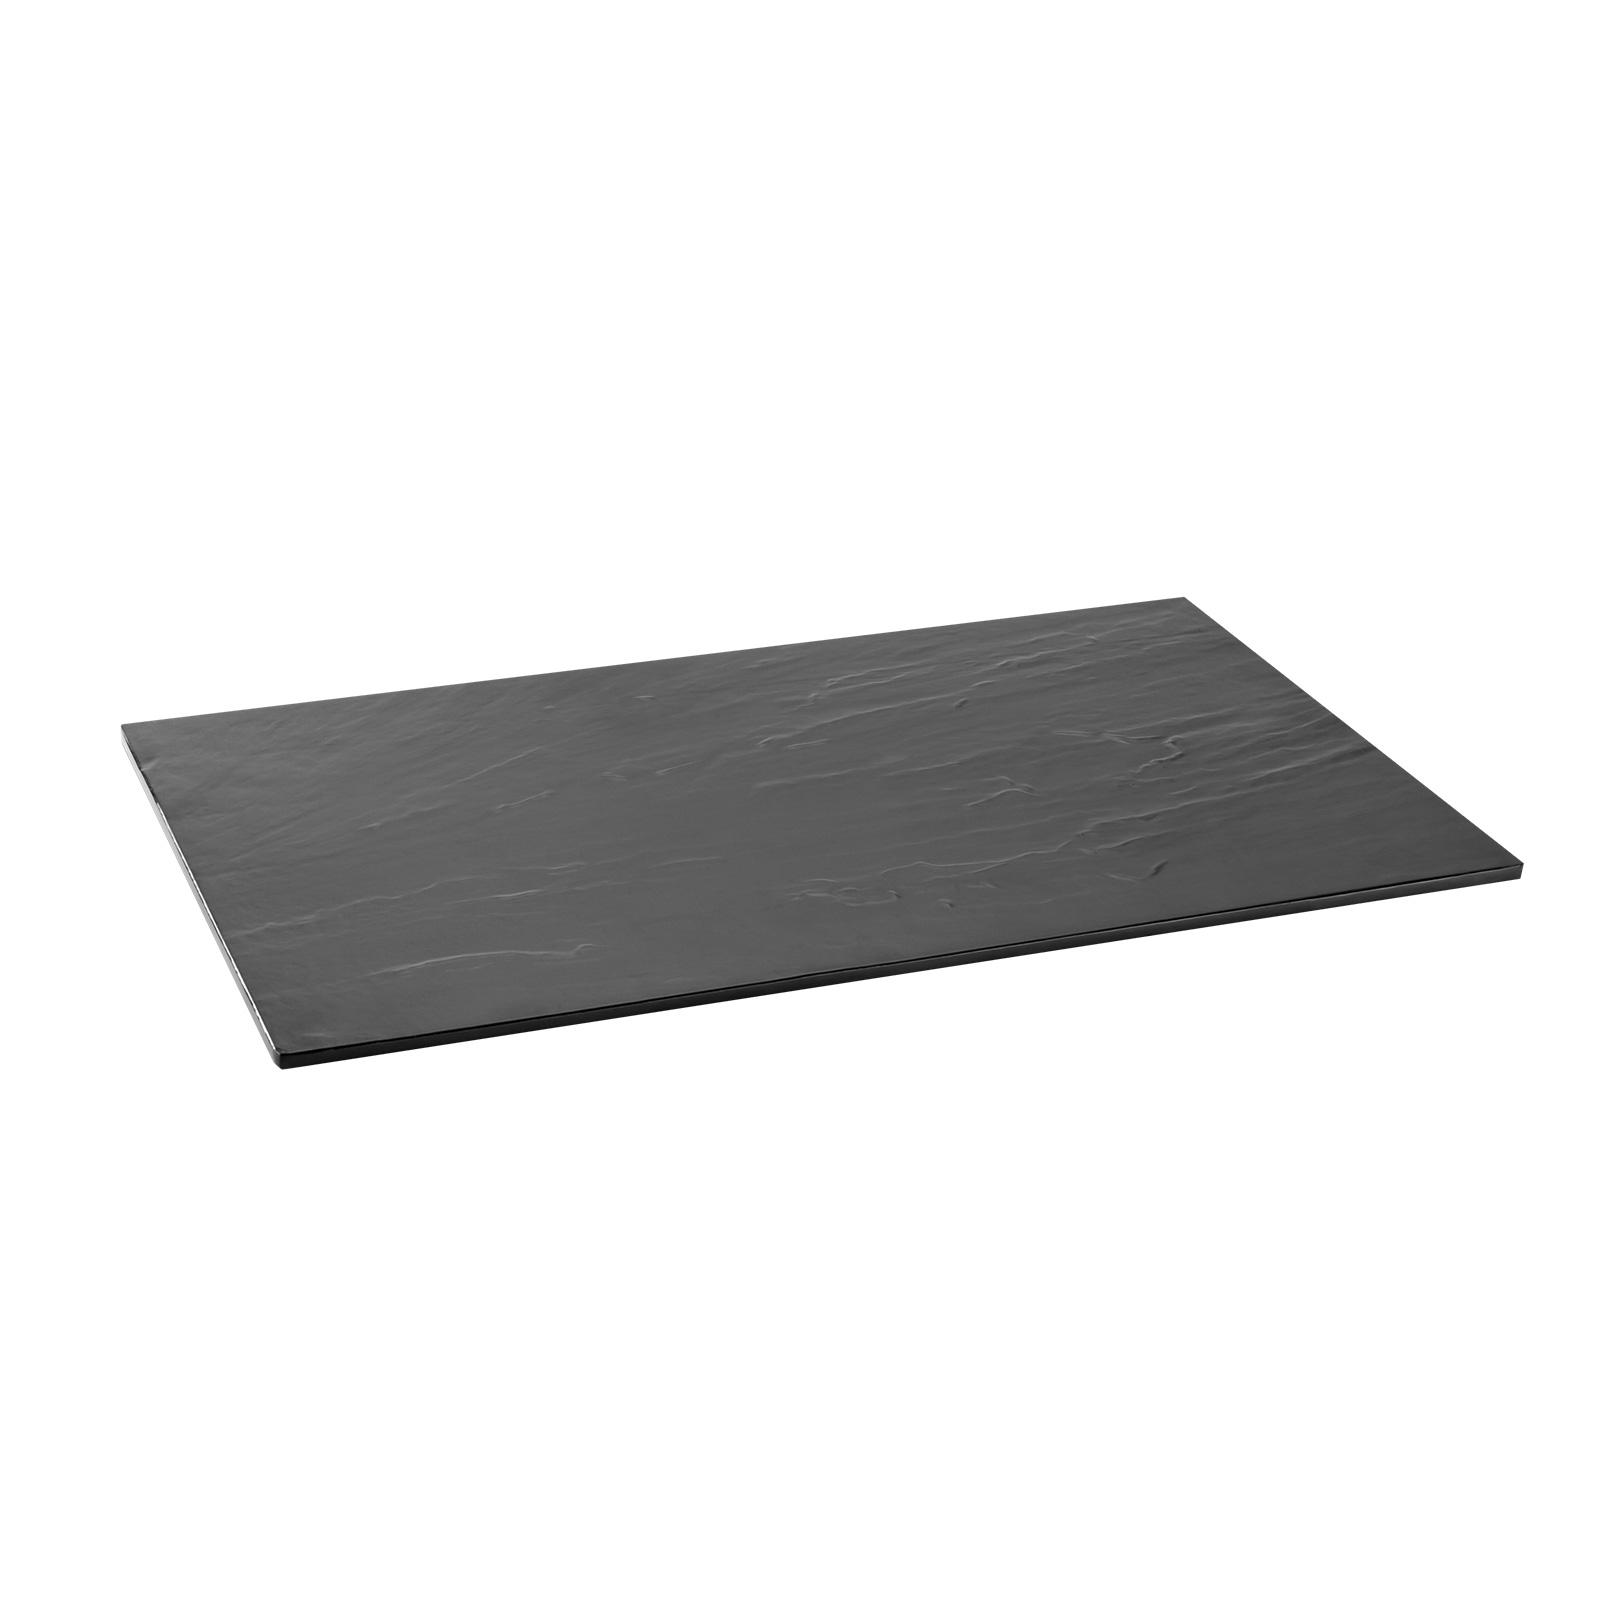 Vollrath V22161 platter, plastic